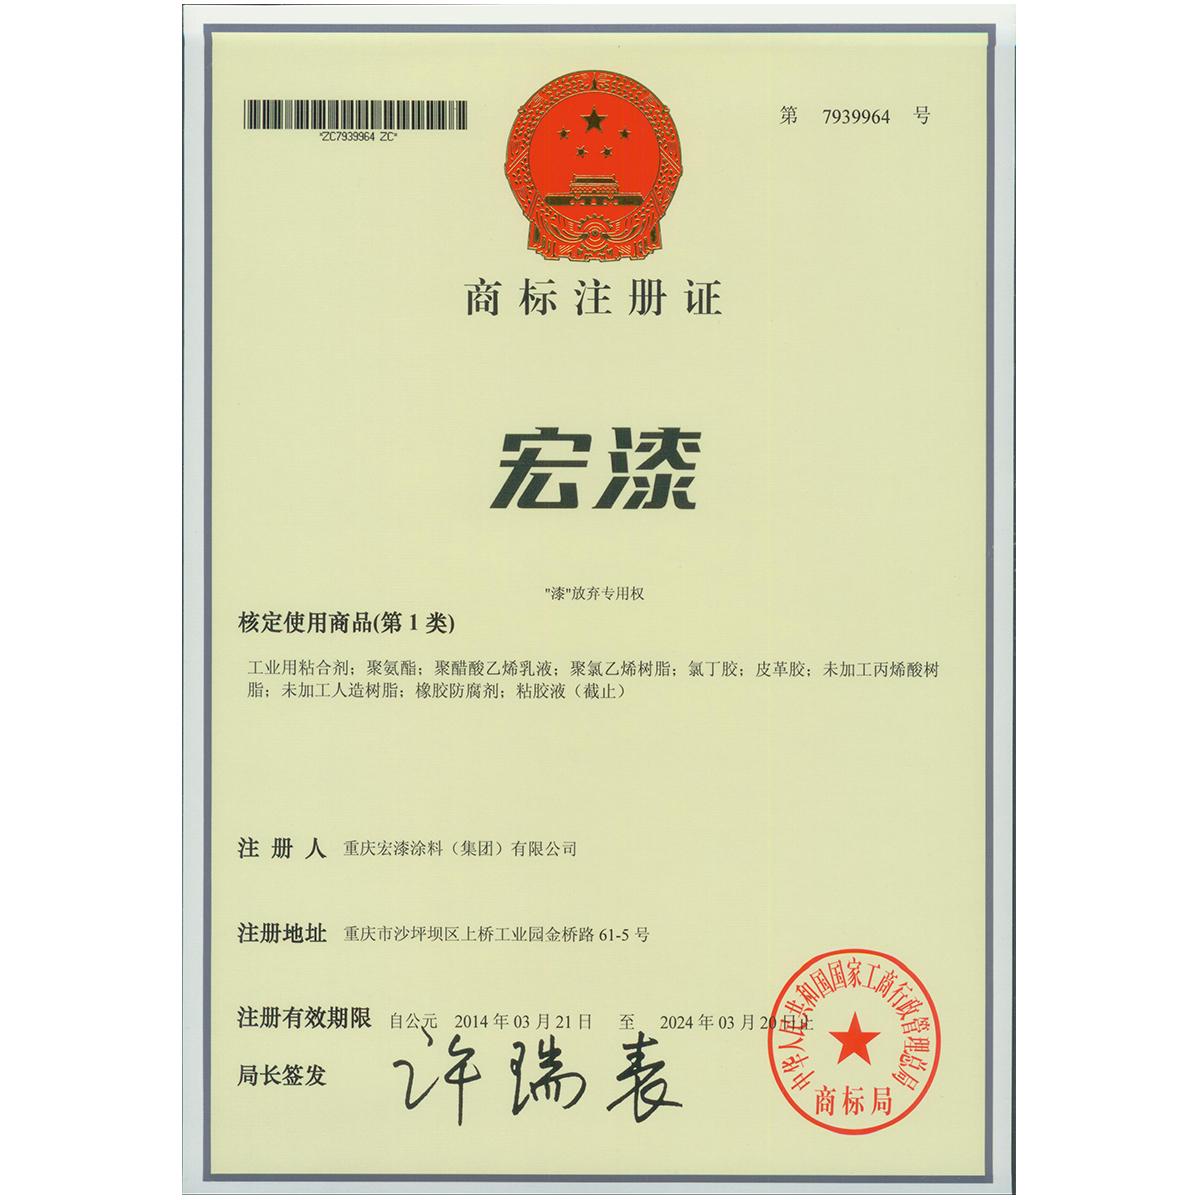 万博man宏漆涂料(集团)有限公司